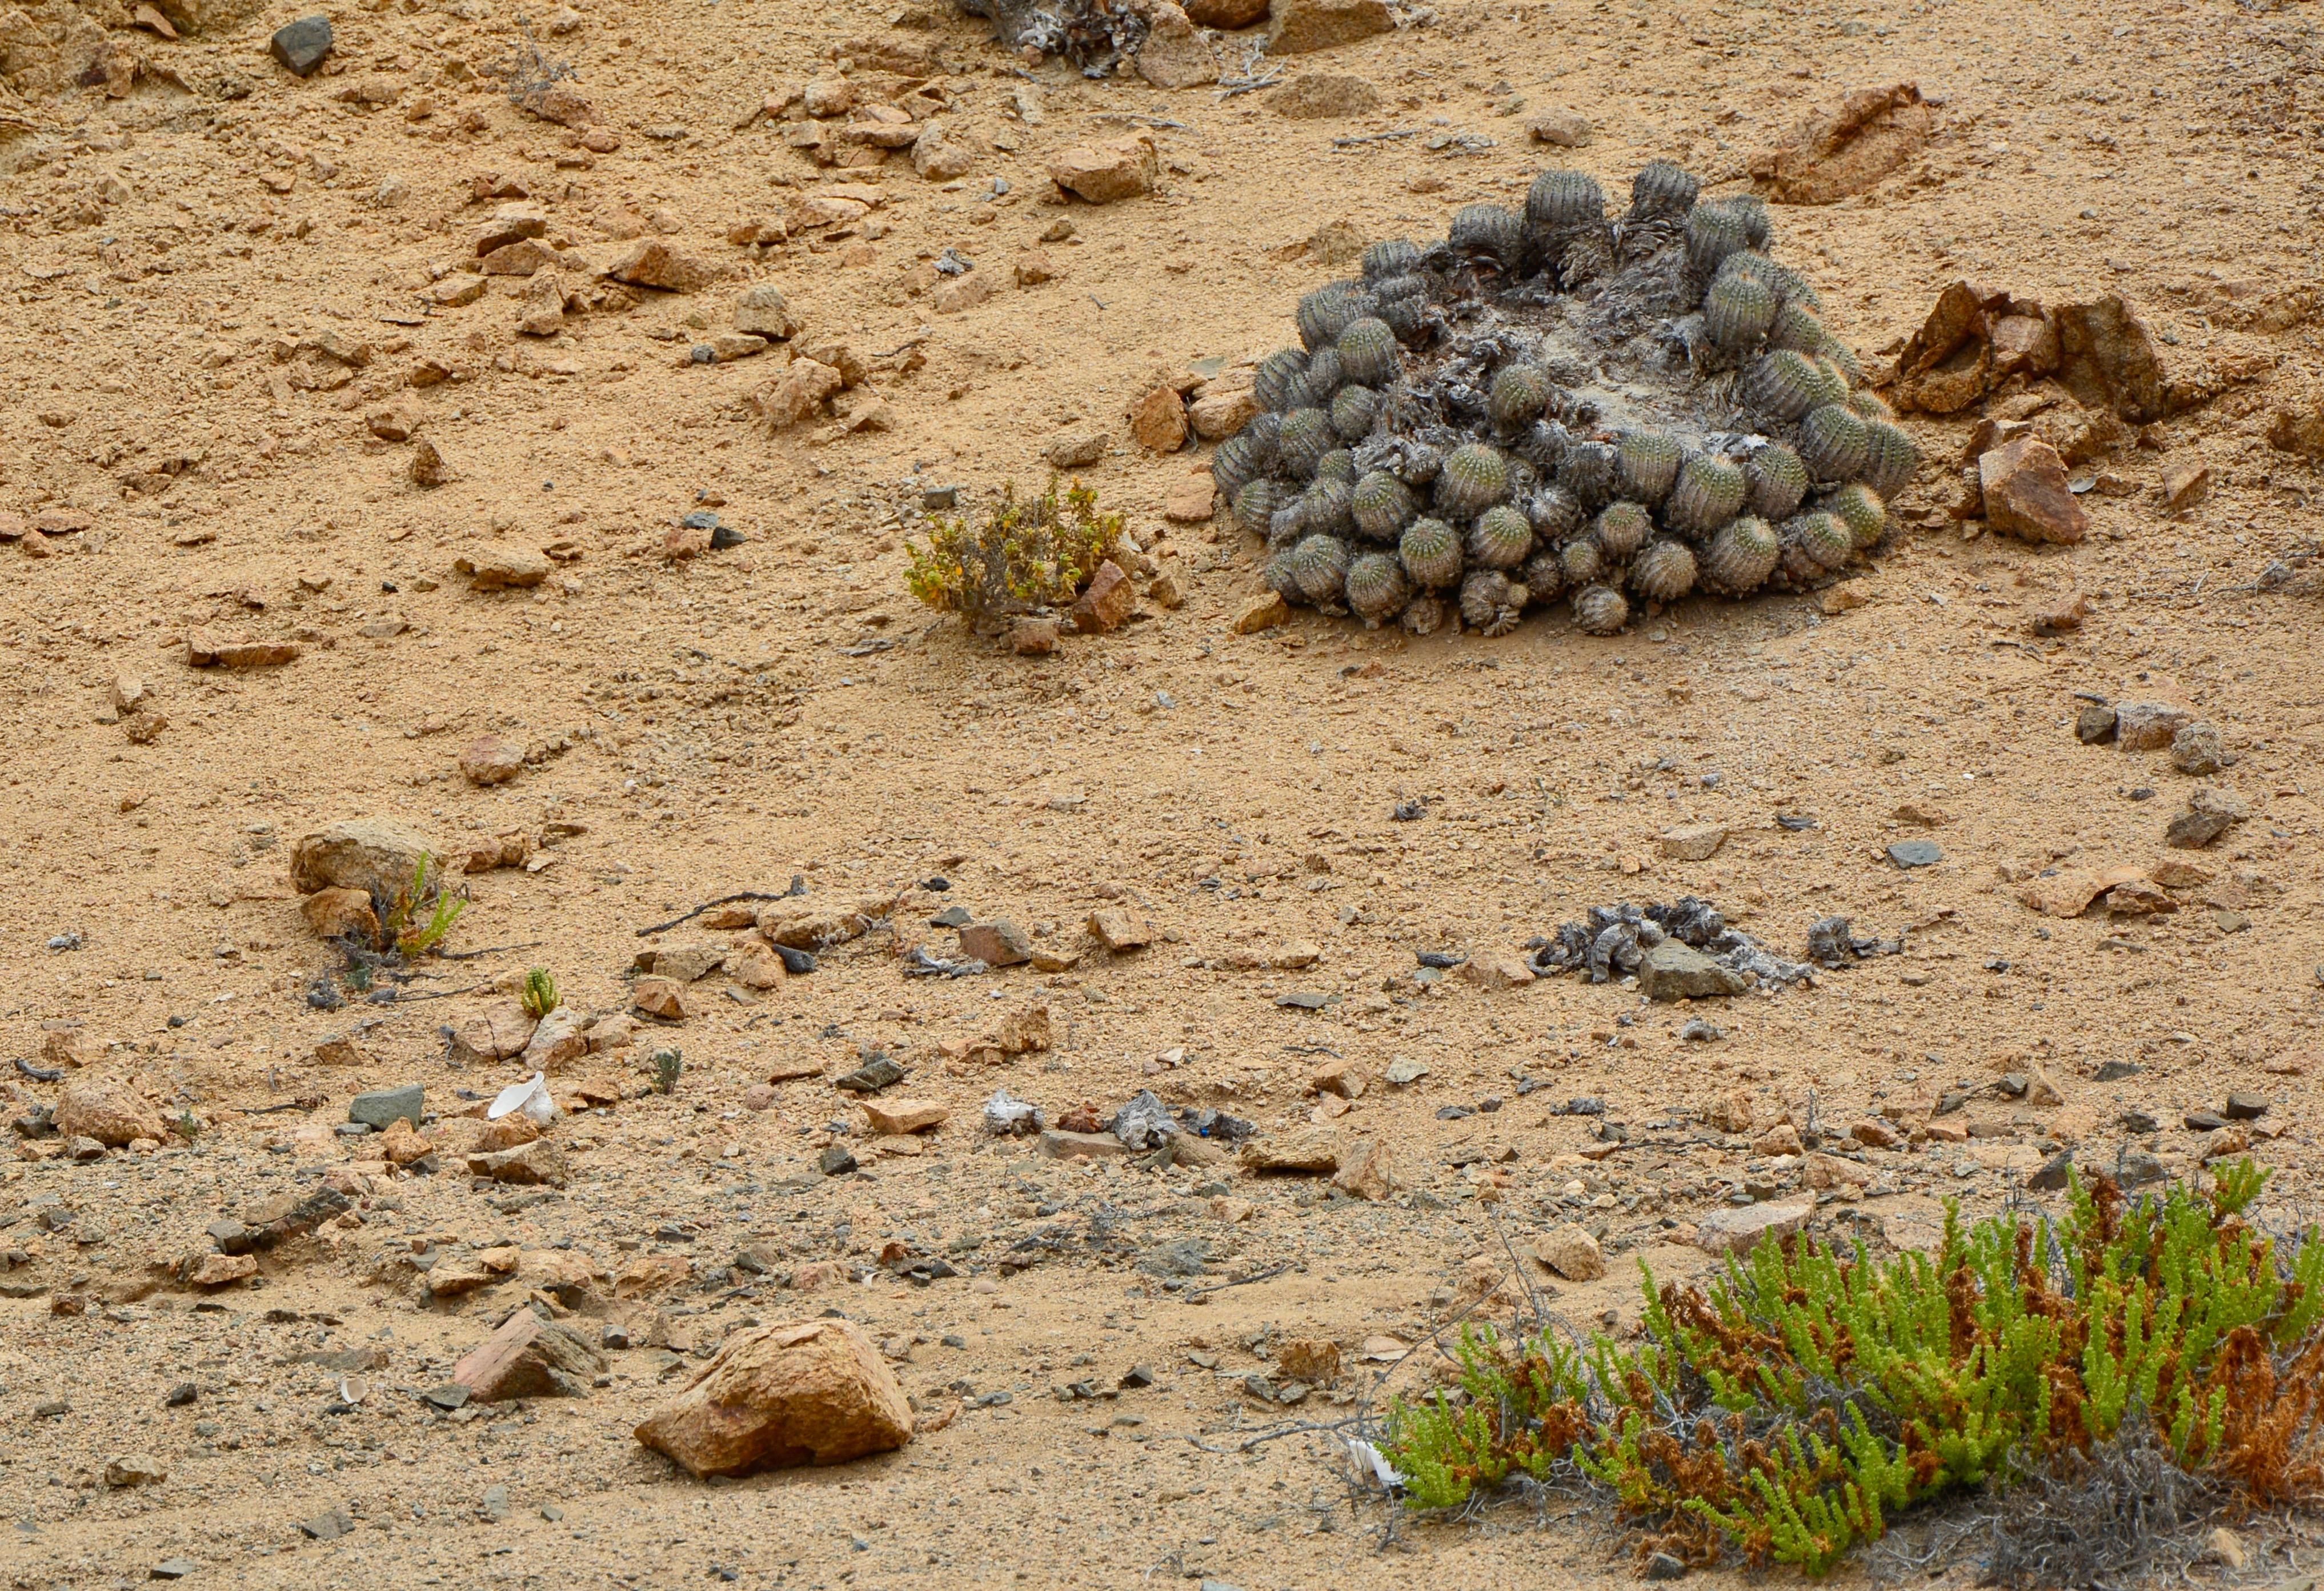 Quelques malheureux cactus essaient de pousser